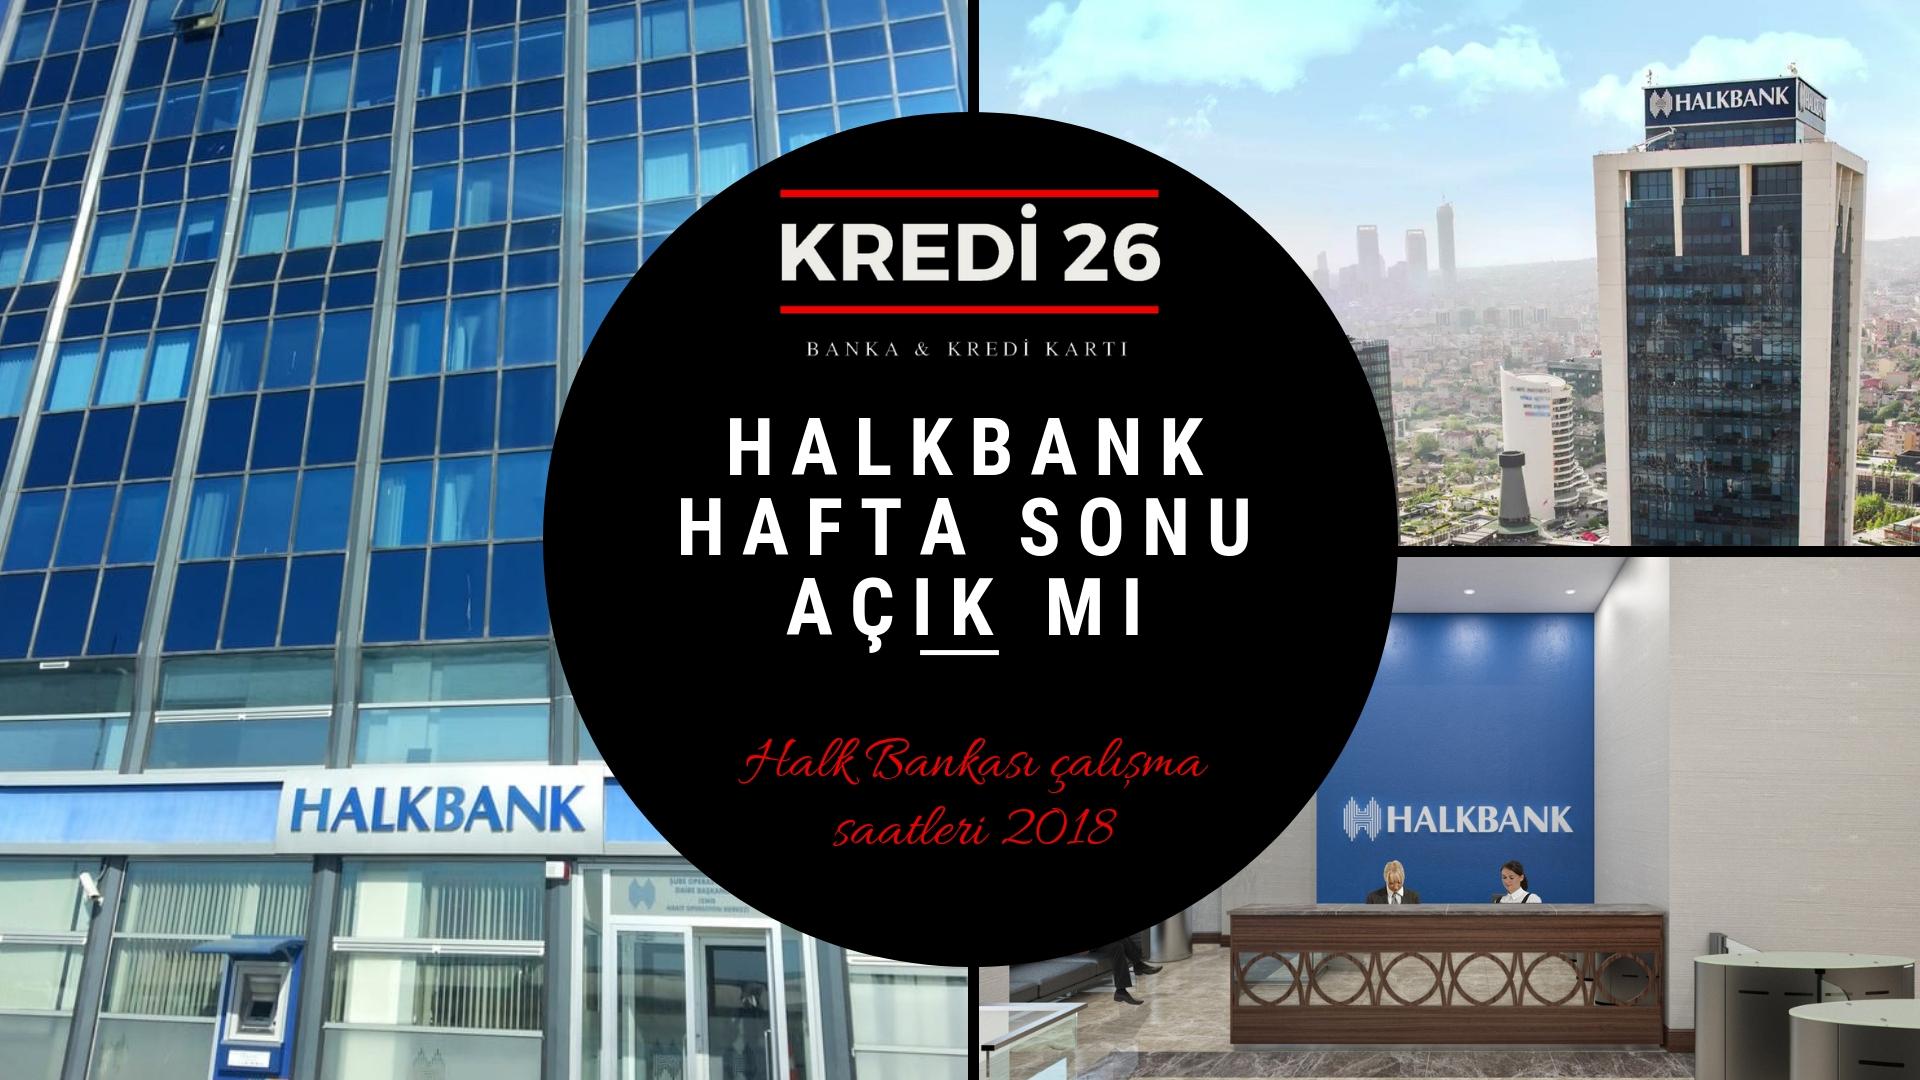 Halk Bankası çalışma saatleri 2018